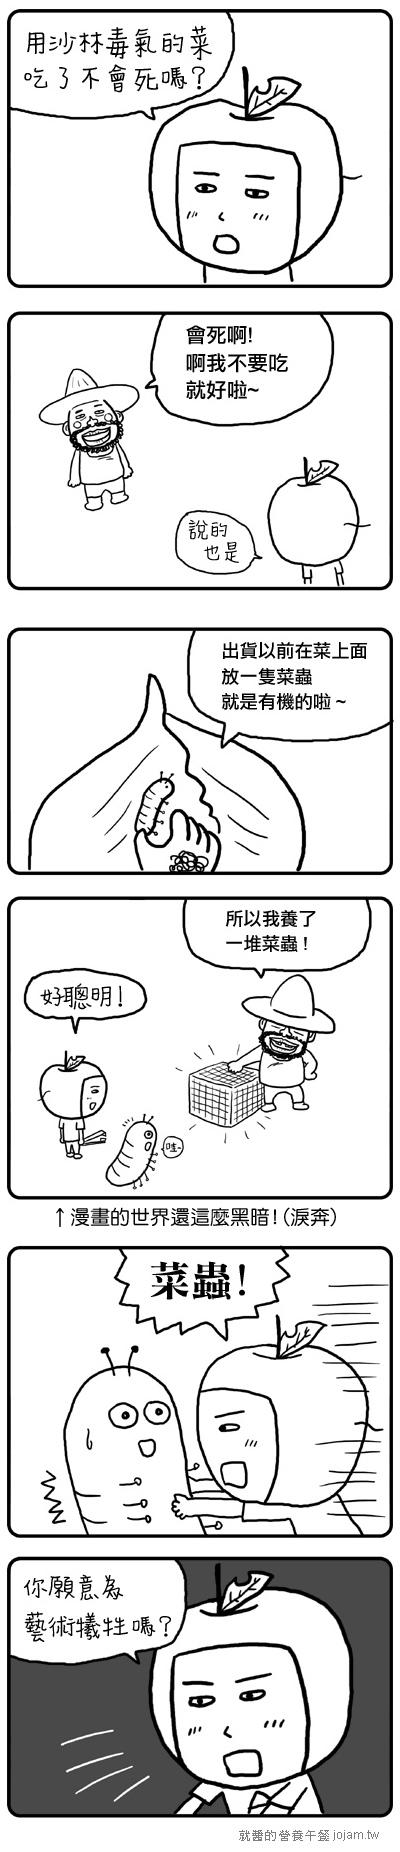 勇者鬥惡農_上_12.jpg